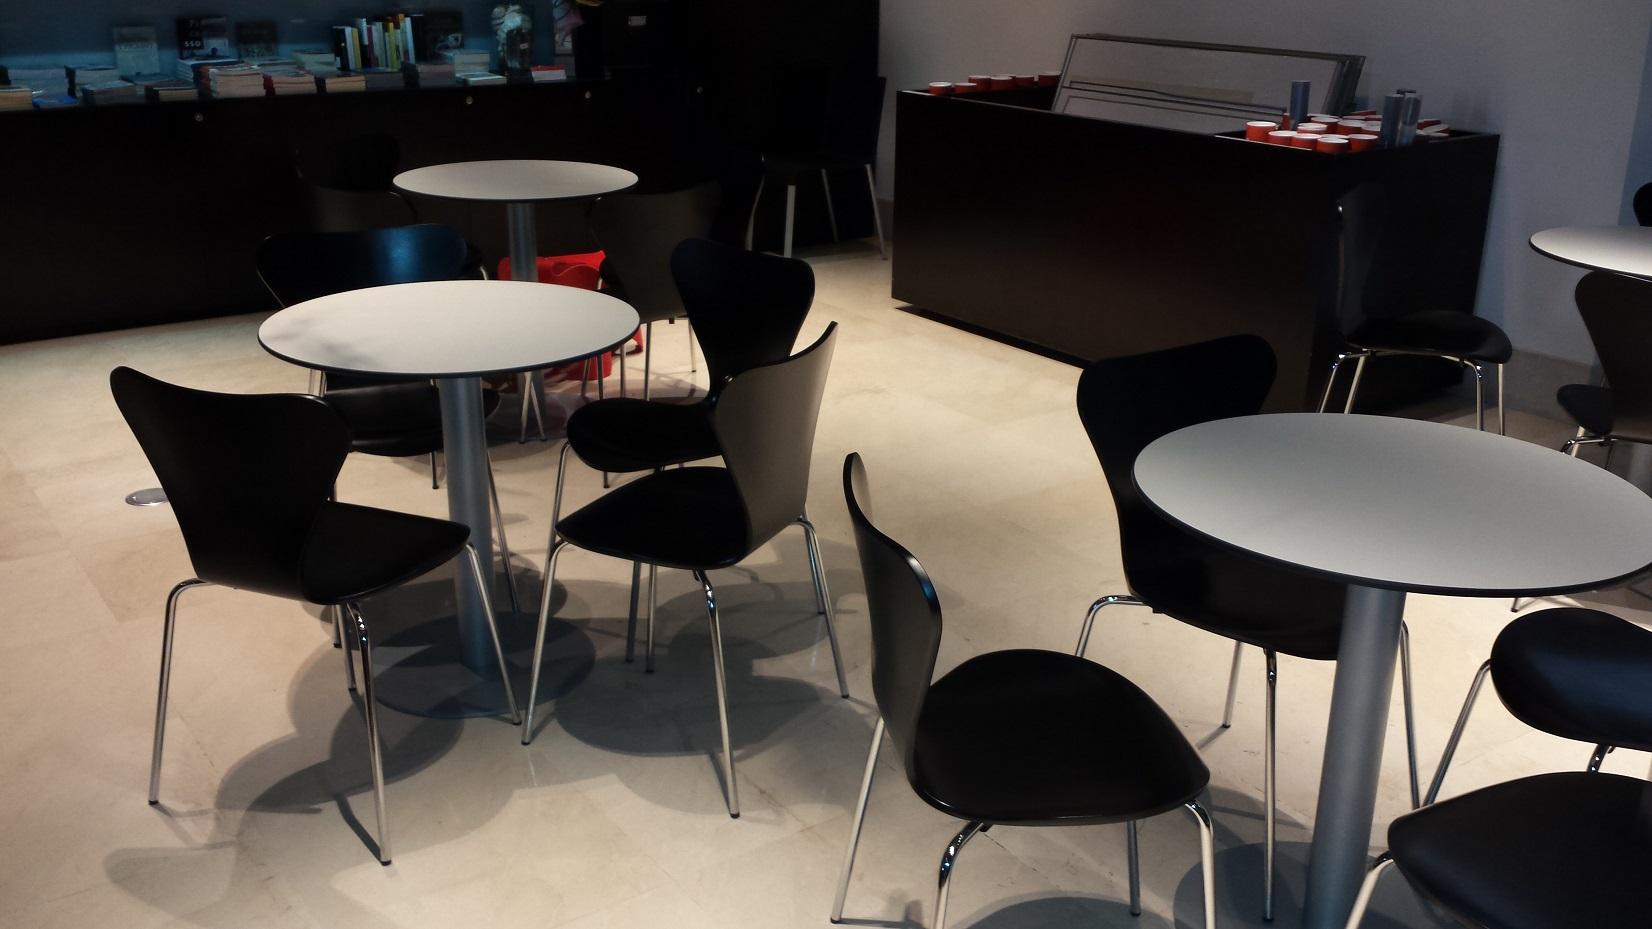 Proyectos de oficina en Sevilla: Mobiliario para zonas de trabajo